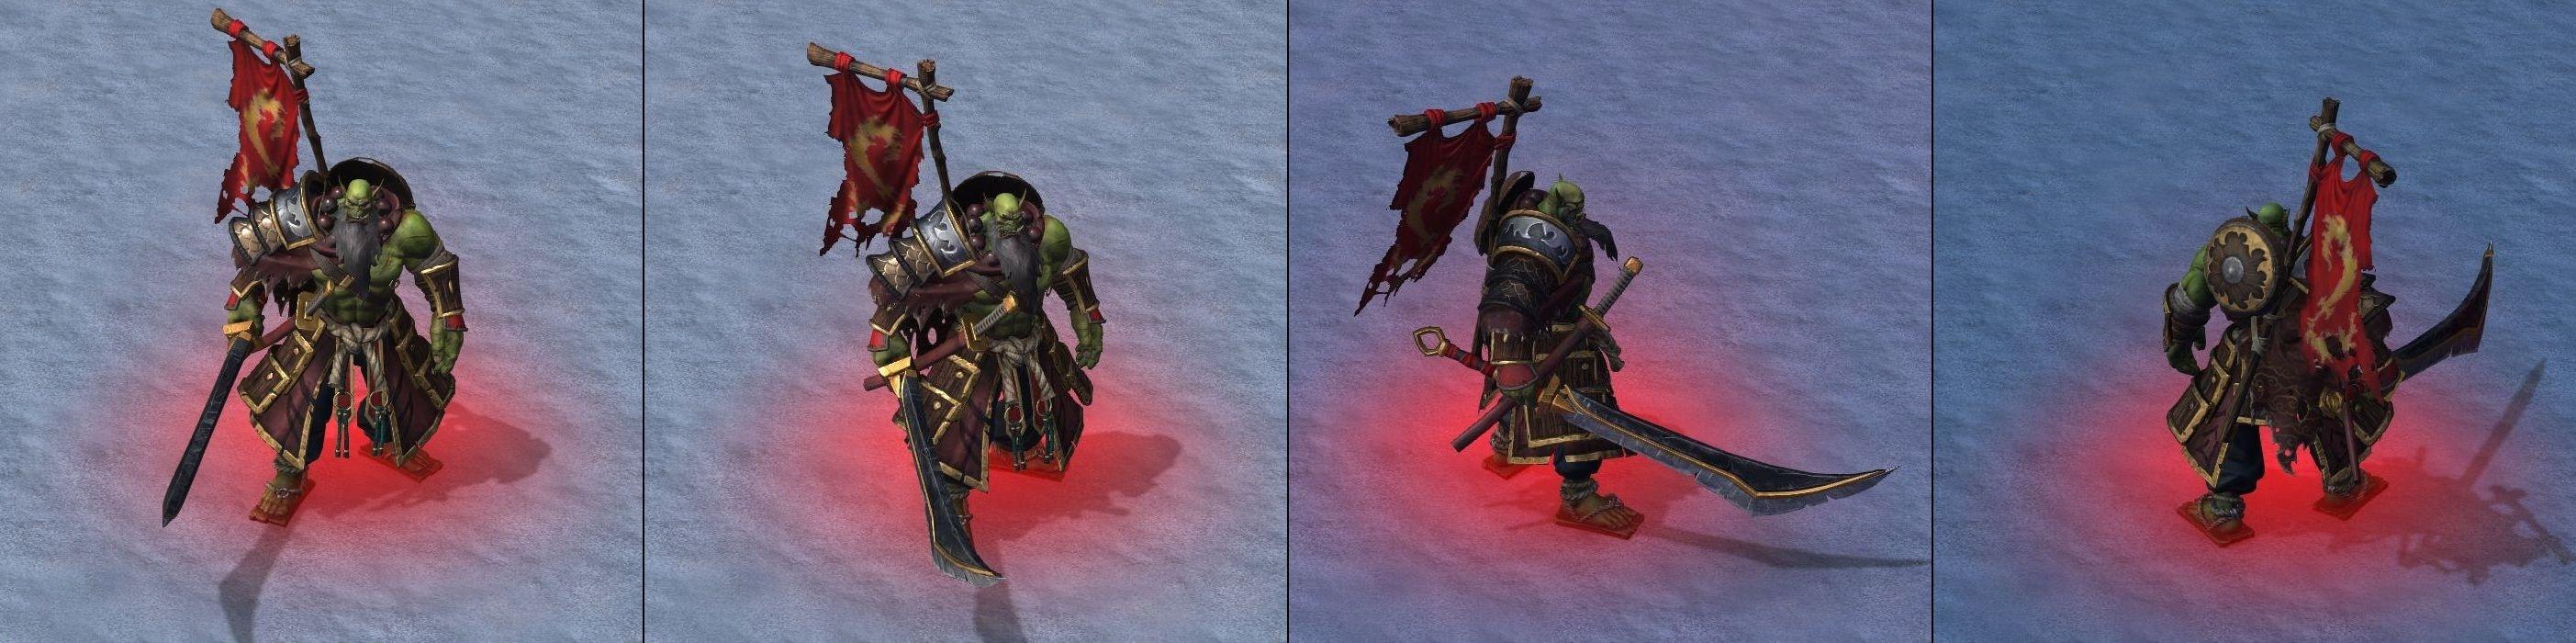 Warcraft III Reforged : Blademaster